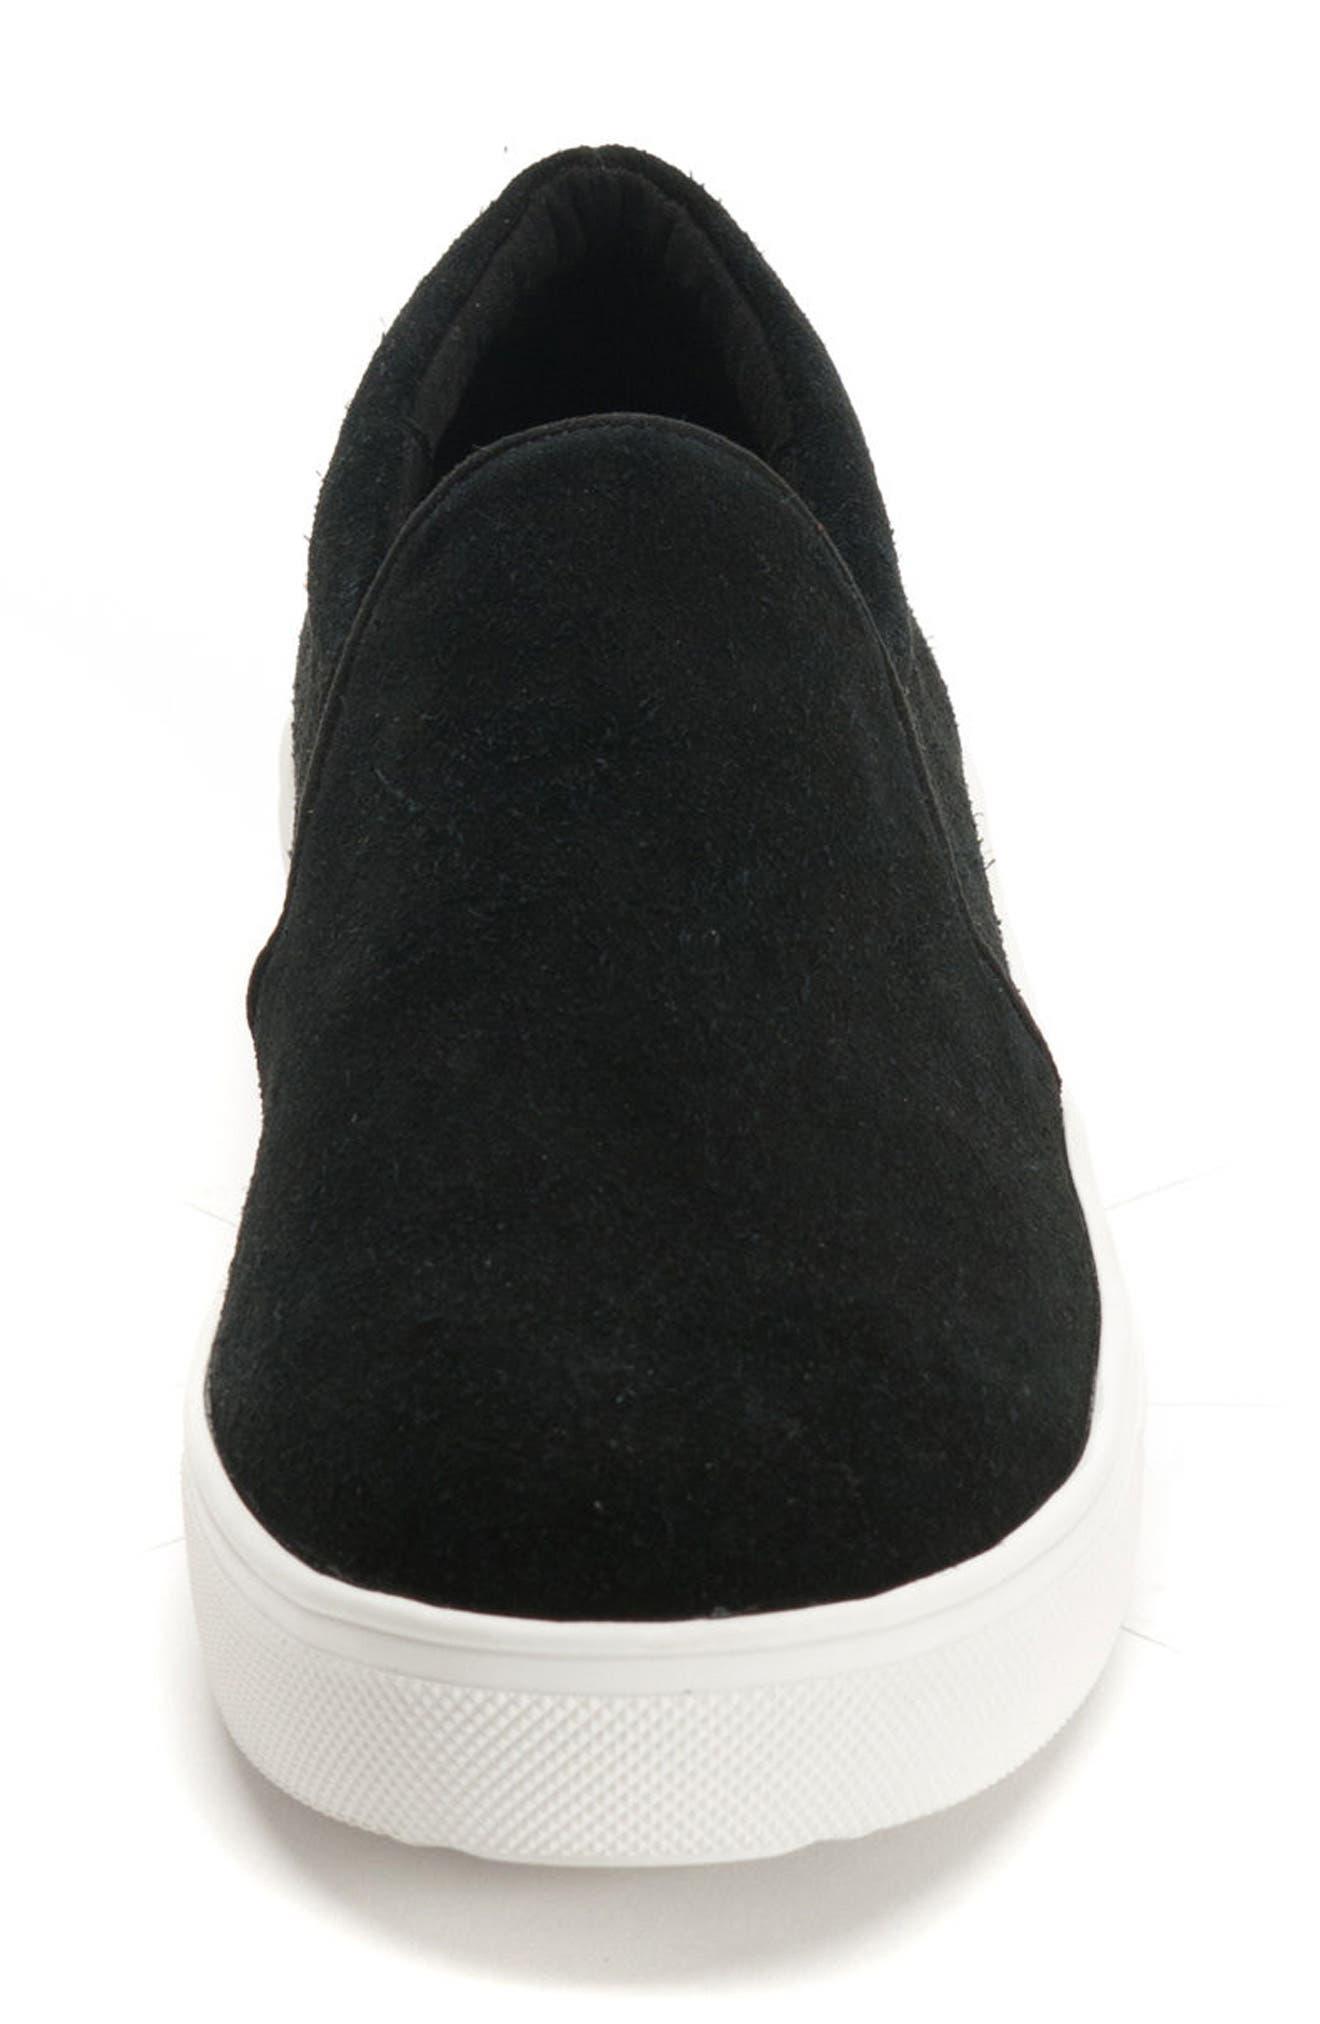 BLONDO, Gracie Waterproof Slip-On Sneaker, Alternate thumbnail 4, color, BLACK SUEDE